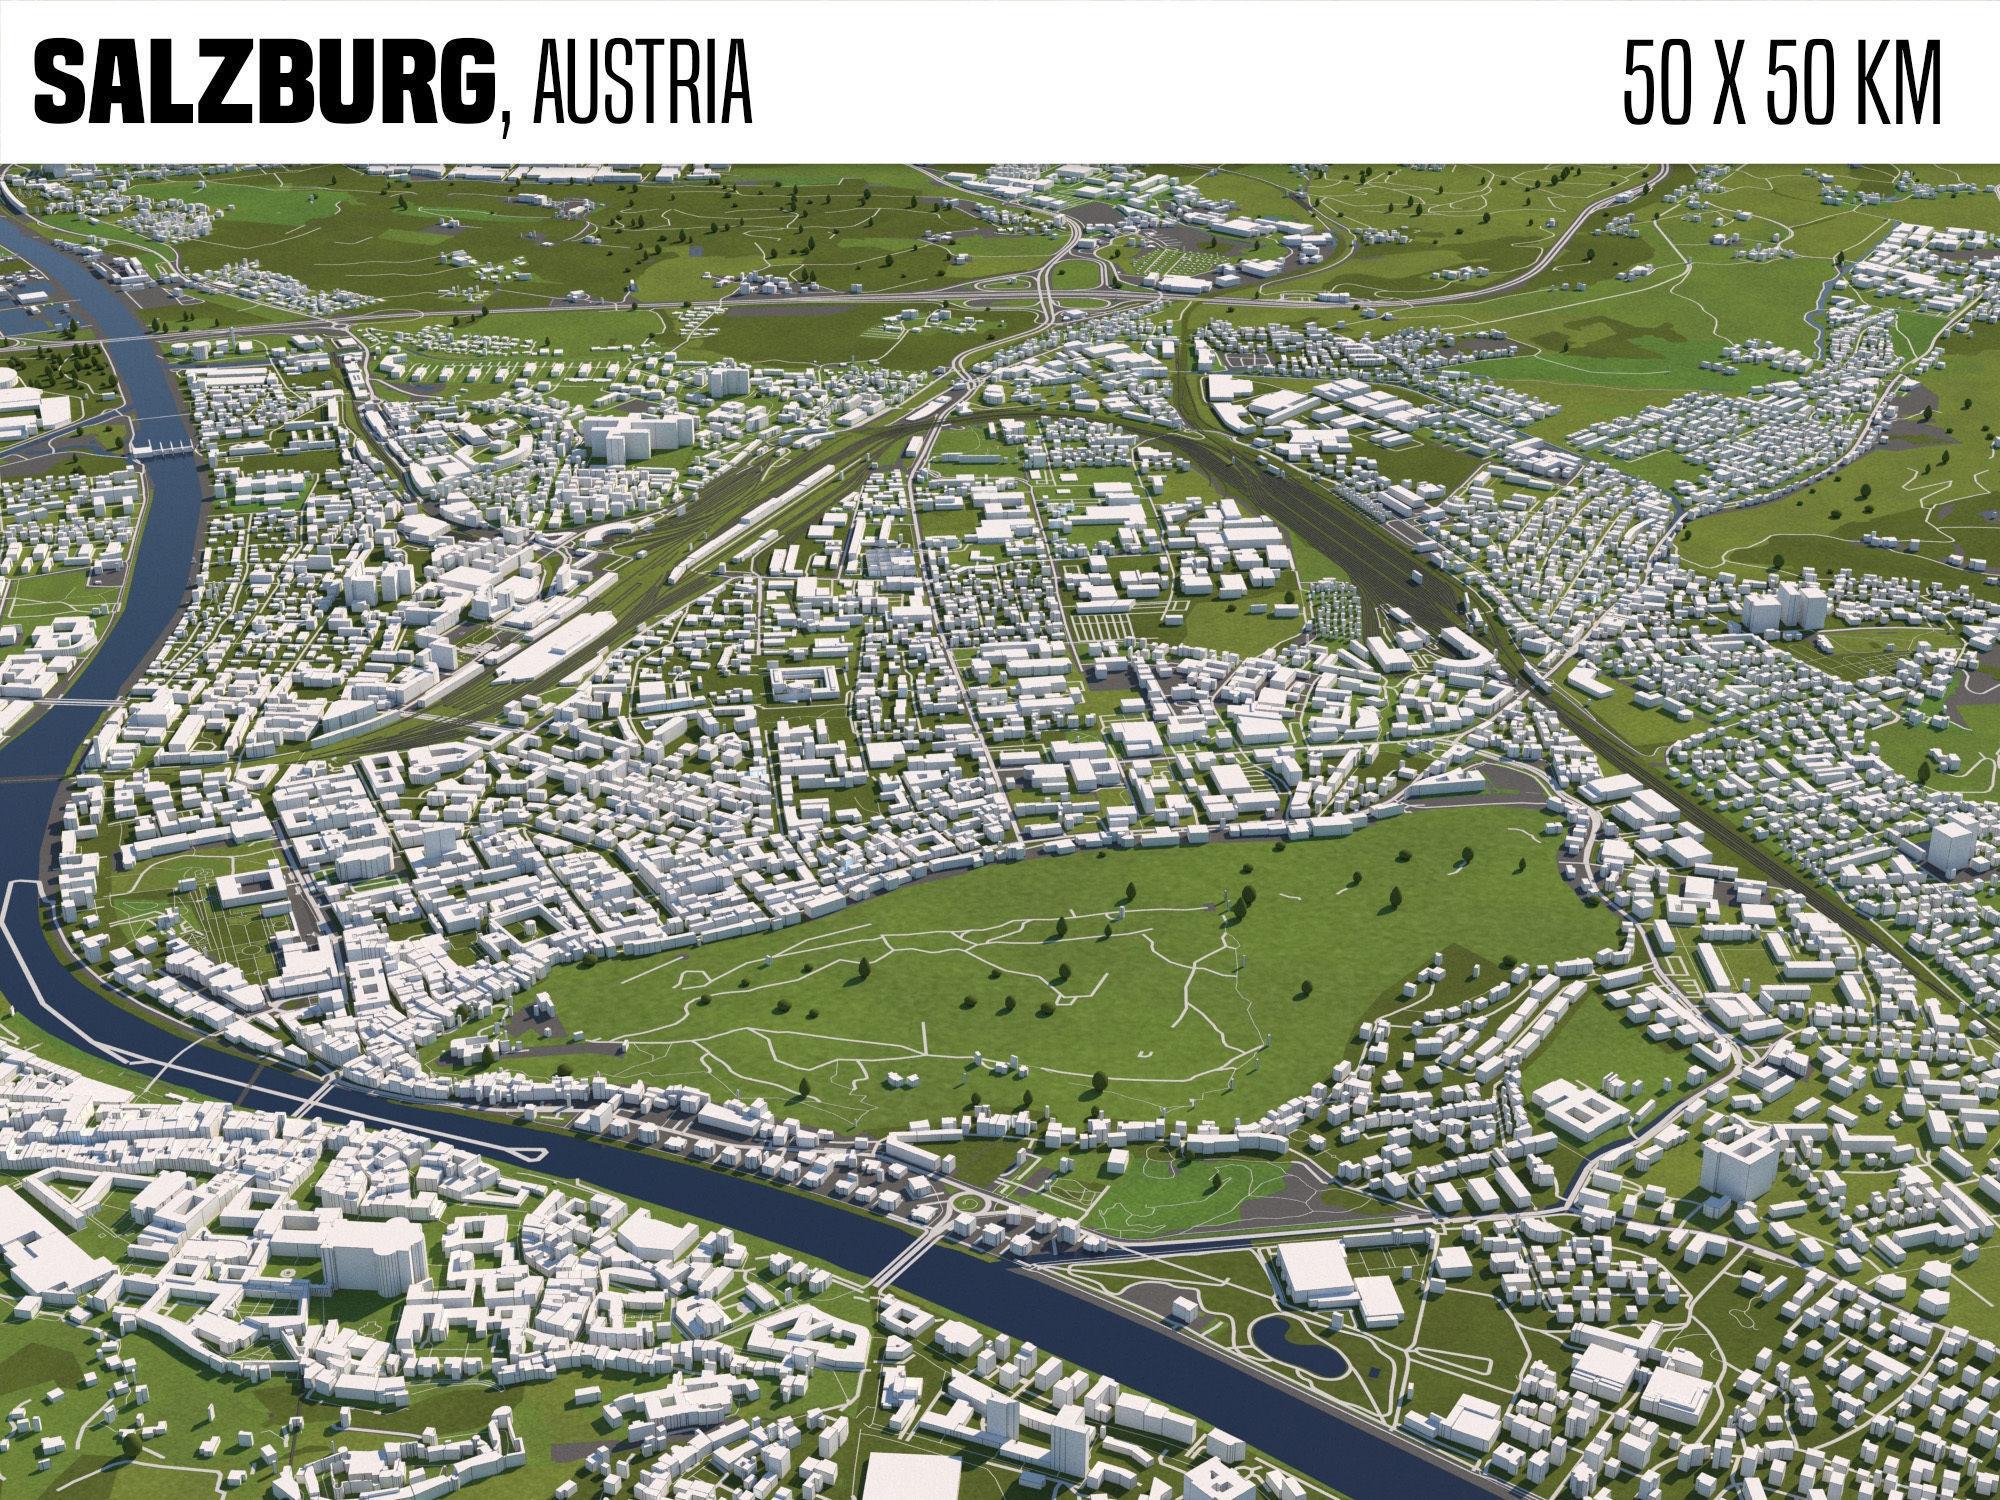 Salzburg Austria 50x50km